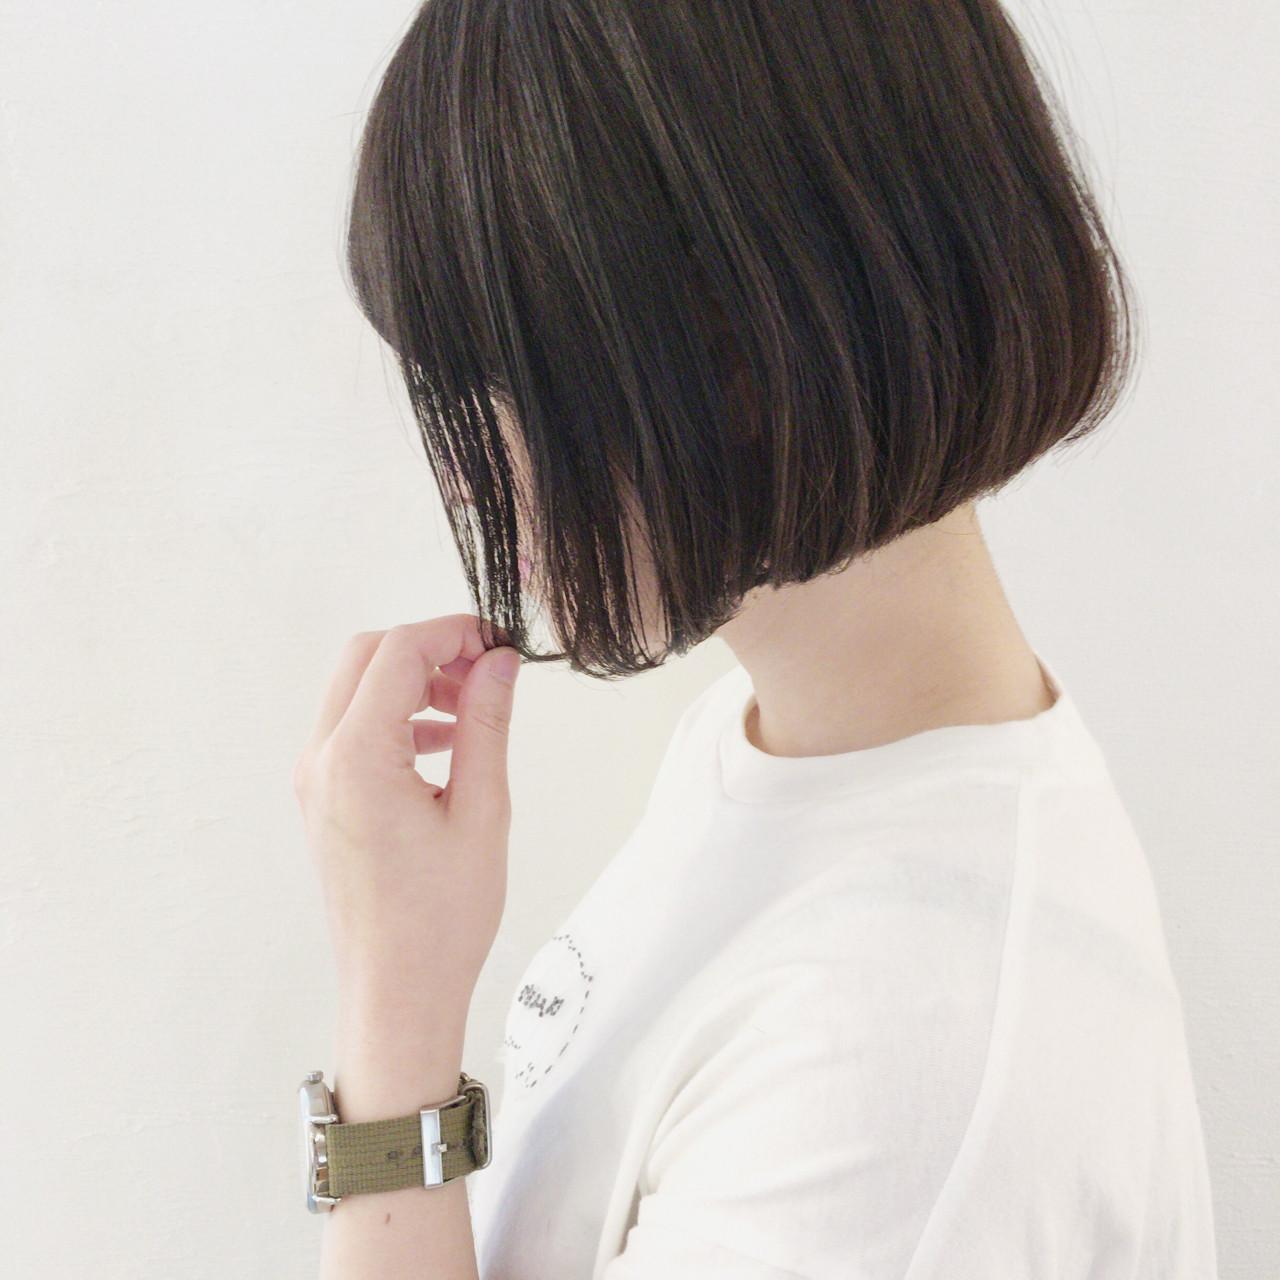 女子会 黒髪 ショートボブ デート ヘアスタイルや髪型の写真・画像